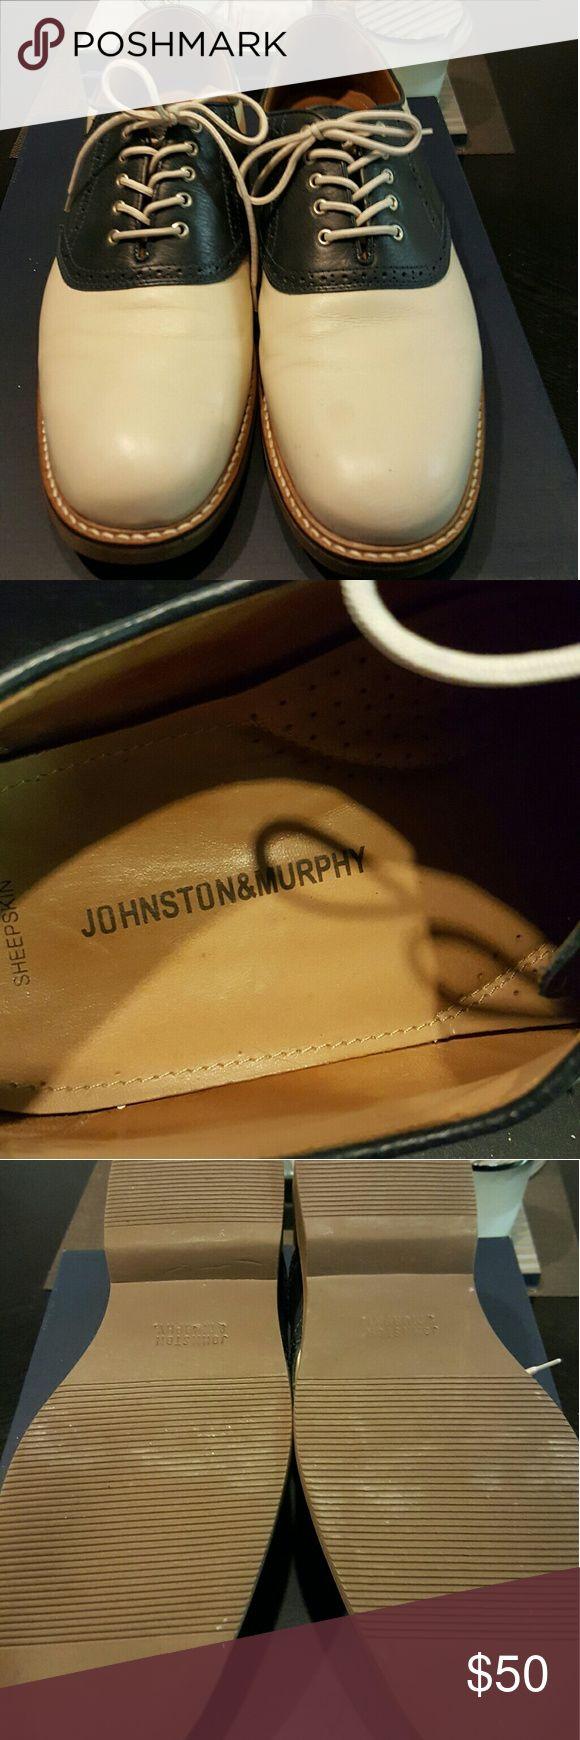 Men's Shoes Johnston & Murphy Men's Shoes Johnston & Murphy Johnston & Murphy Shoes Oxfords & Derbys